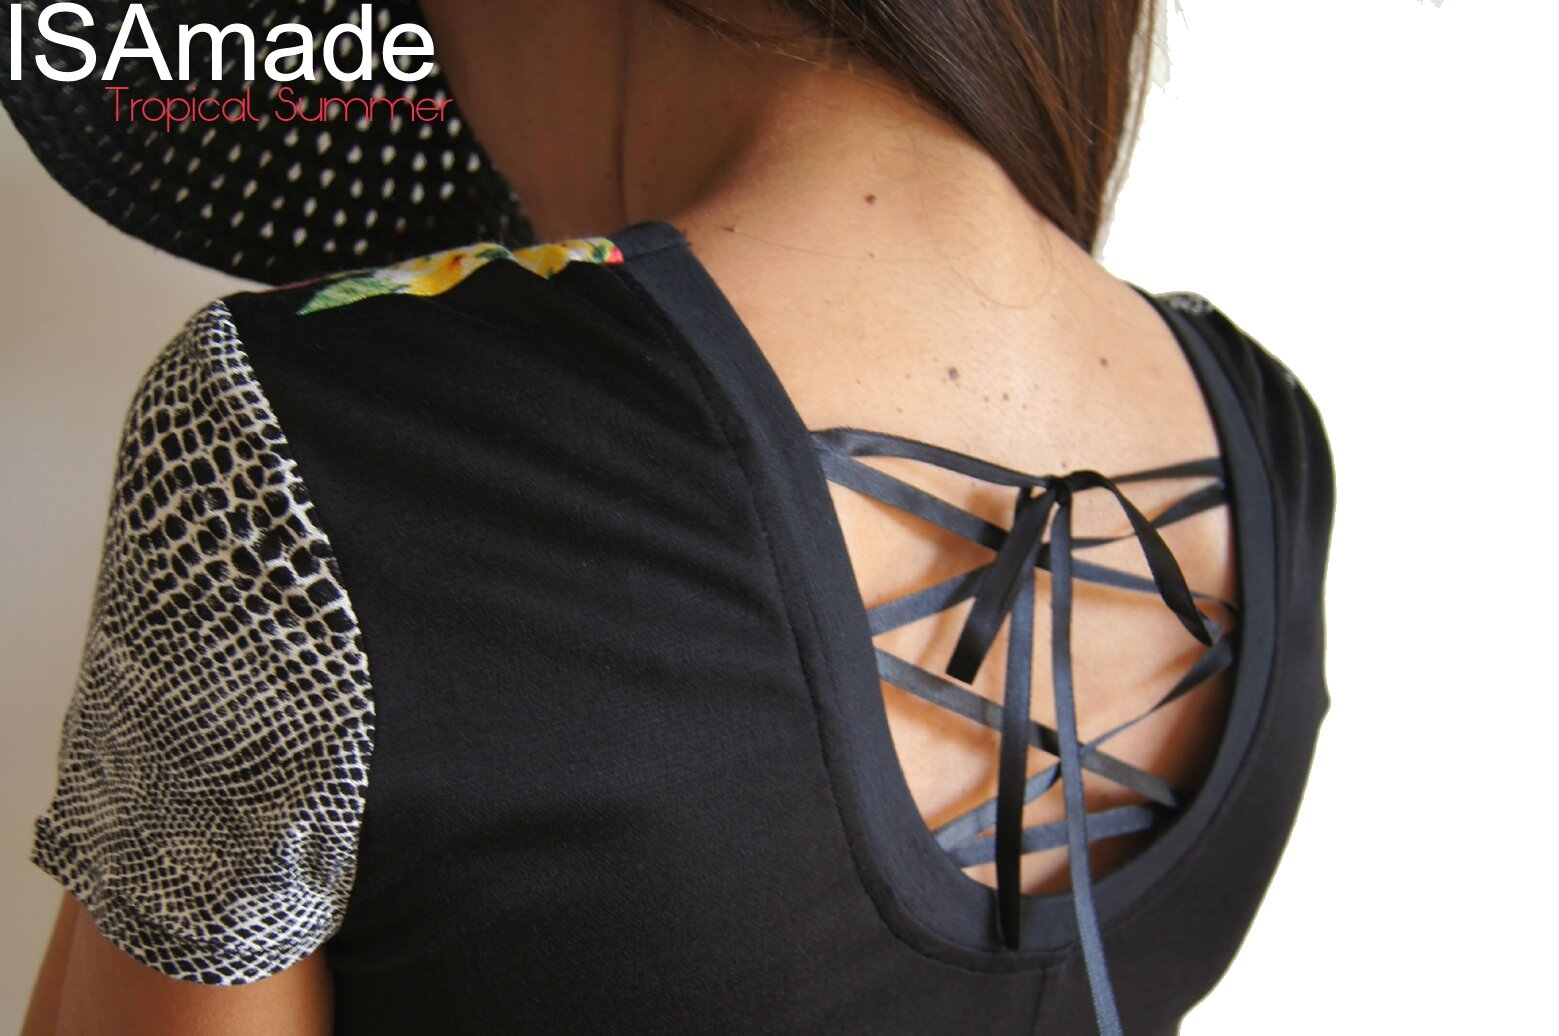 Un été mode Tropical : Robe maille Dentelle Chic Imprimé à Fleurs Tropicales noire multicolore chic et Graphique 60's